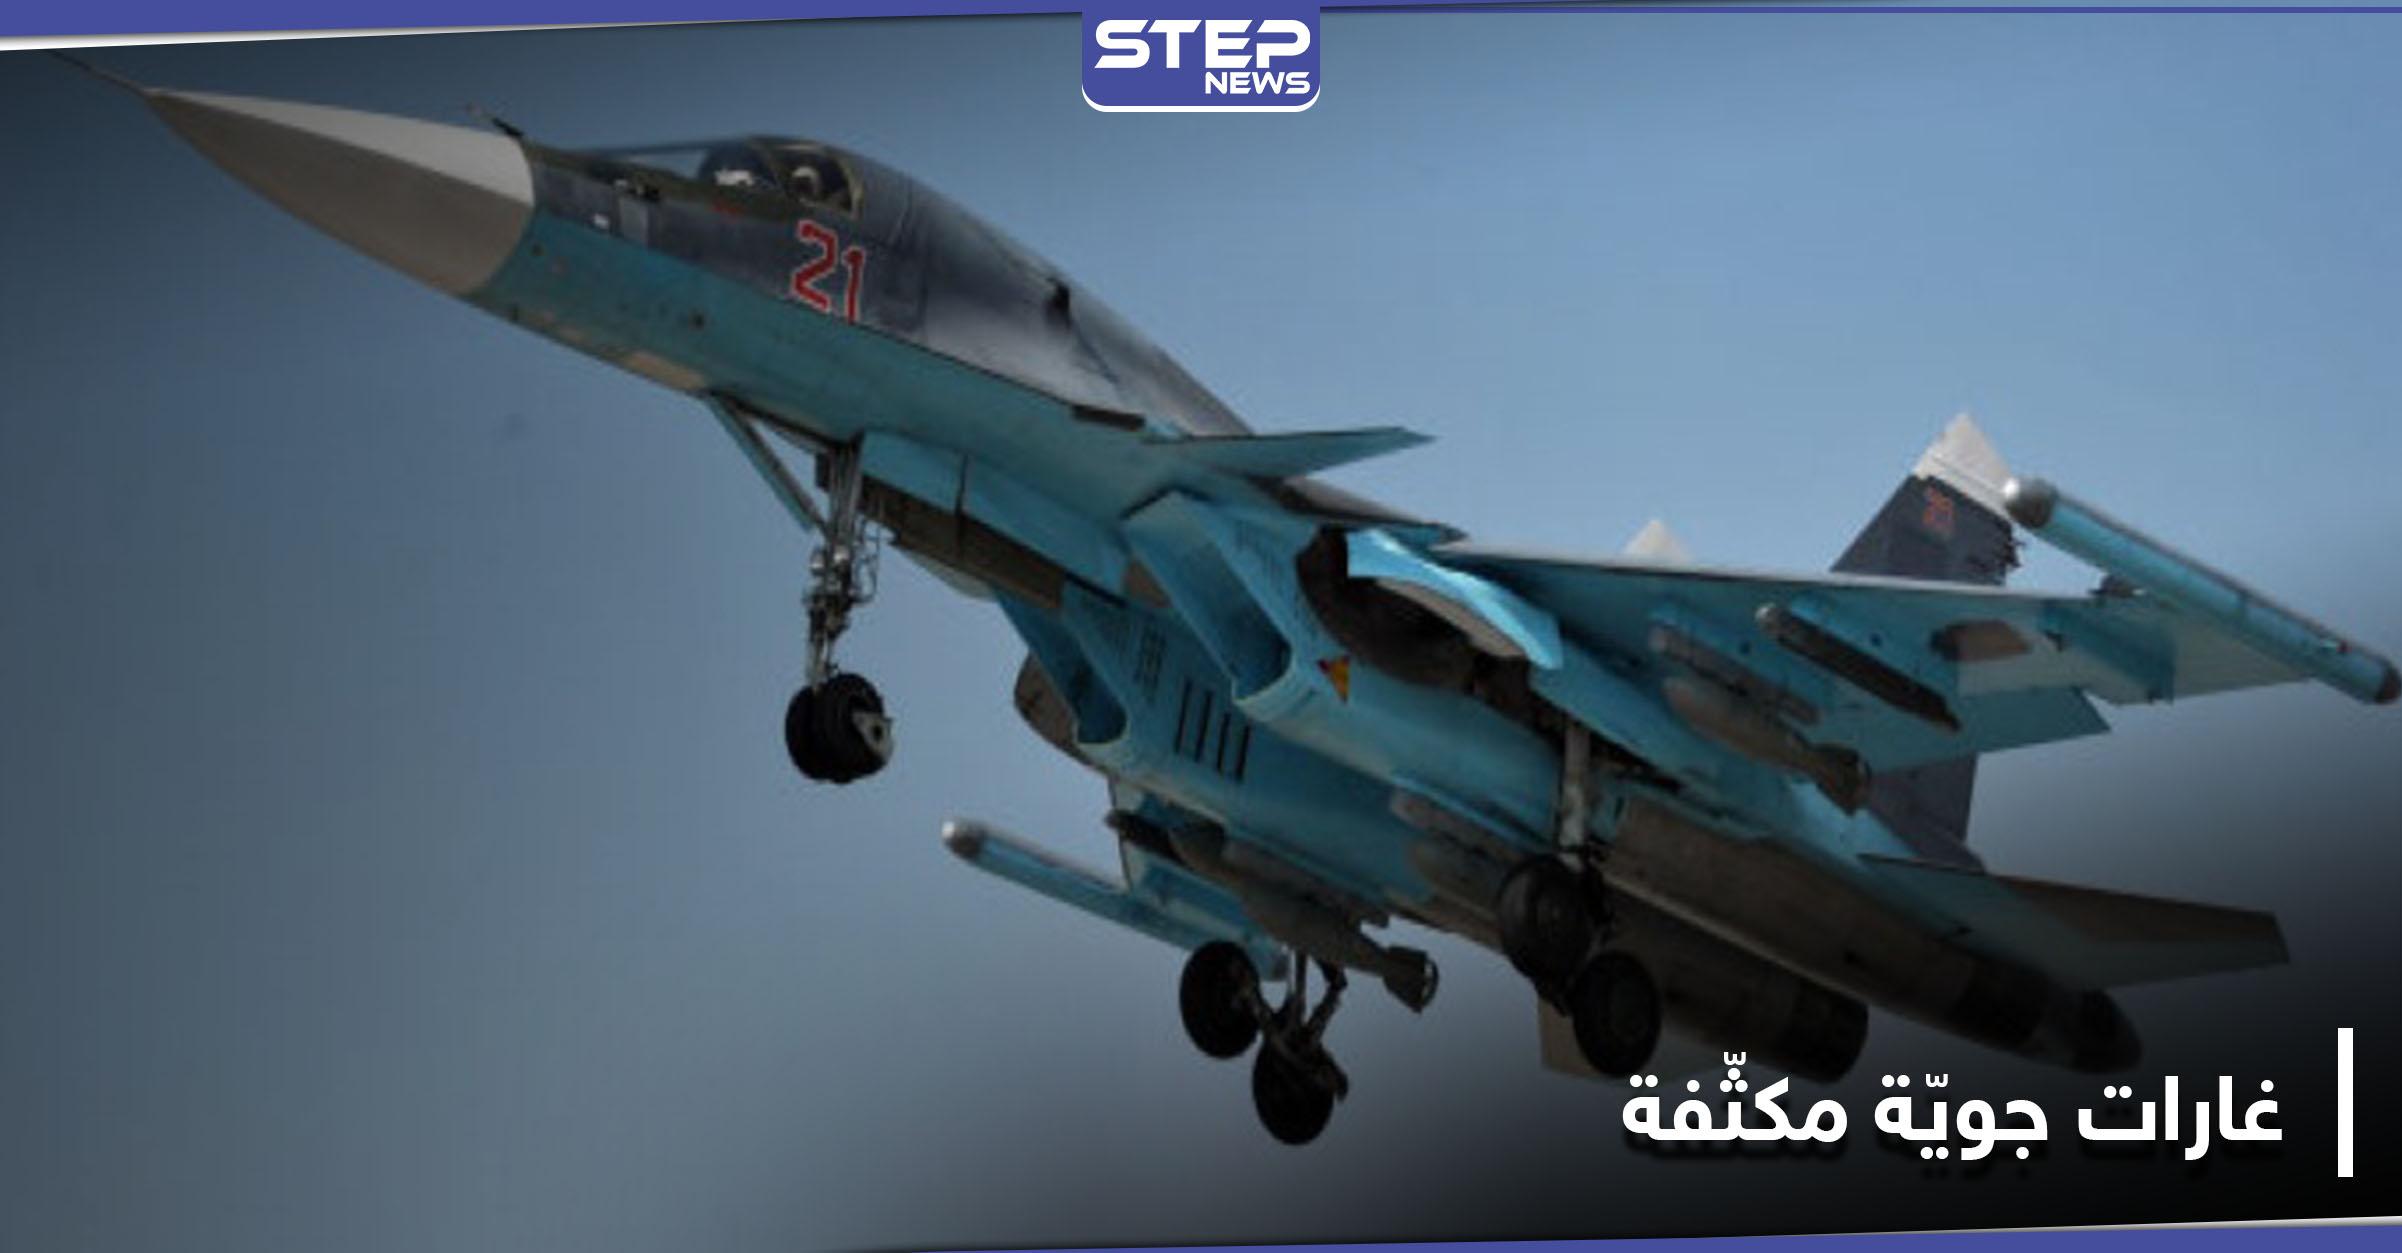 الطيران الروسي يشنّ غارات جوية مكثّفة ببادية ديرالزور